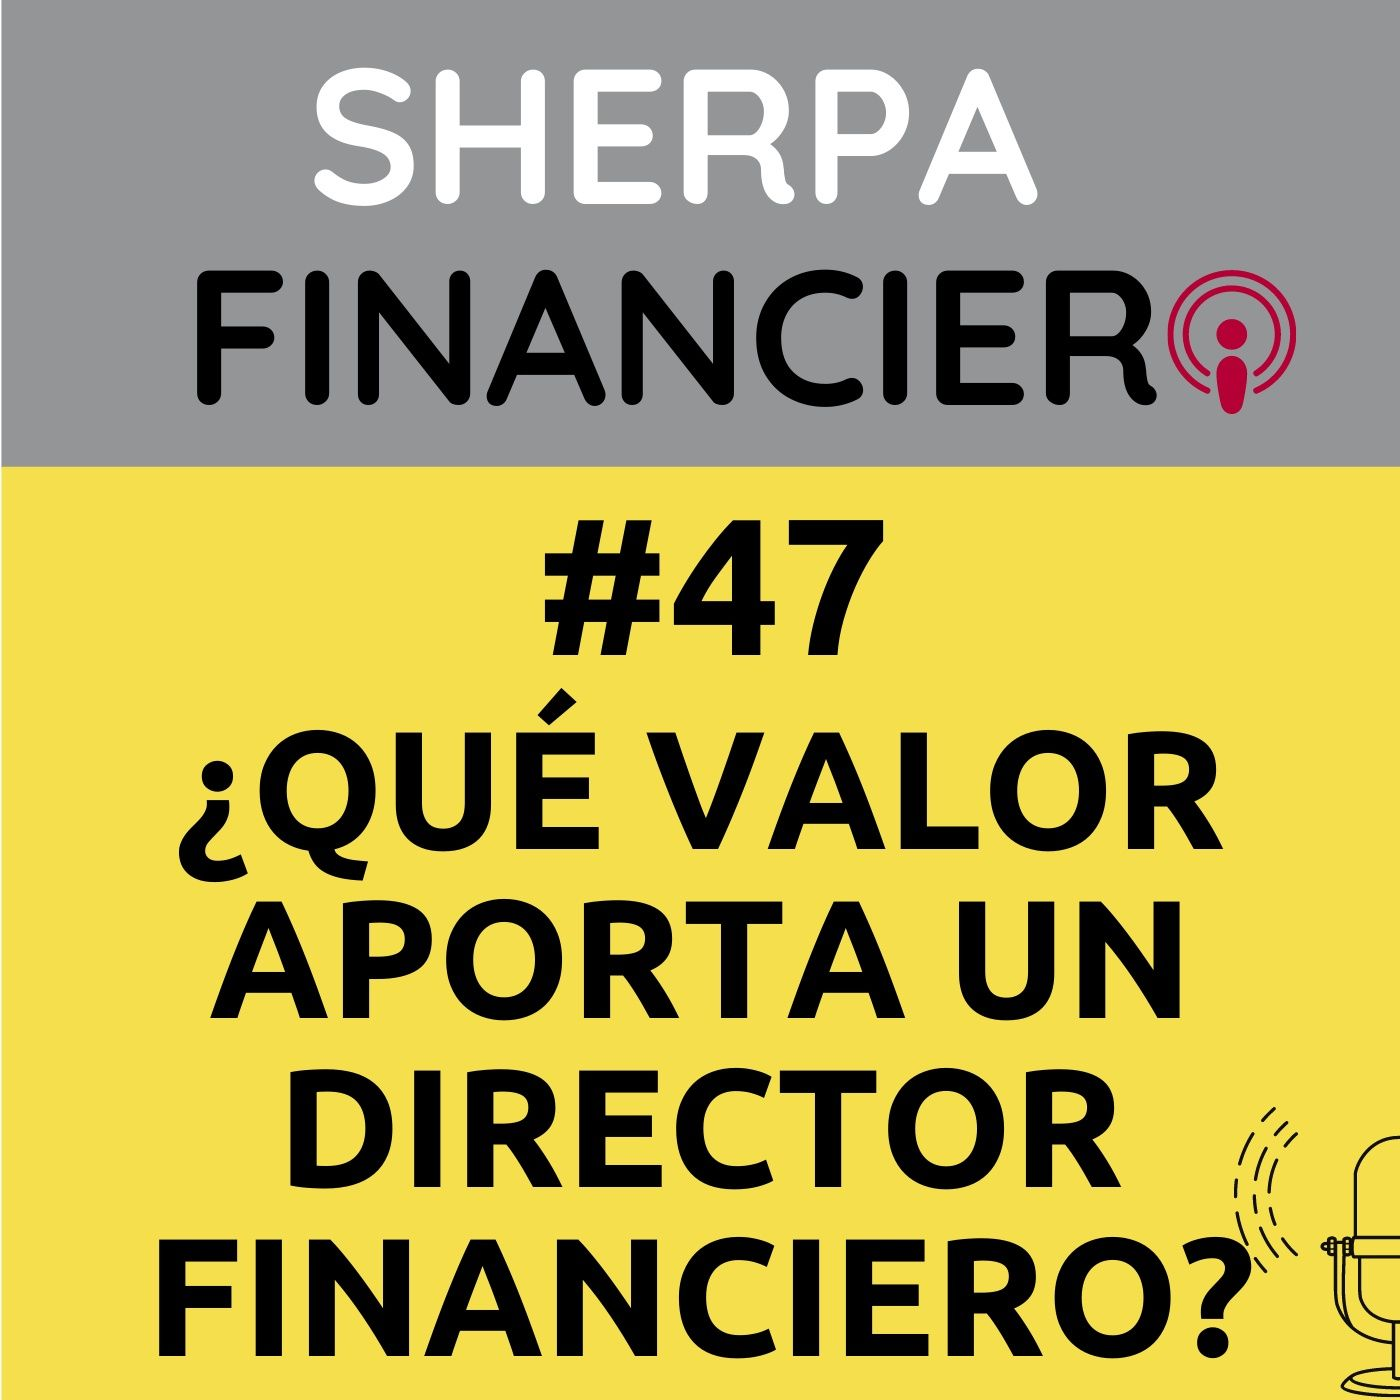 #47 Pregunta: ¿Qué valor aporta un director financiero?